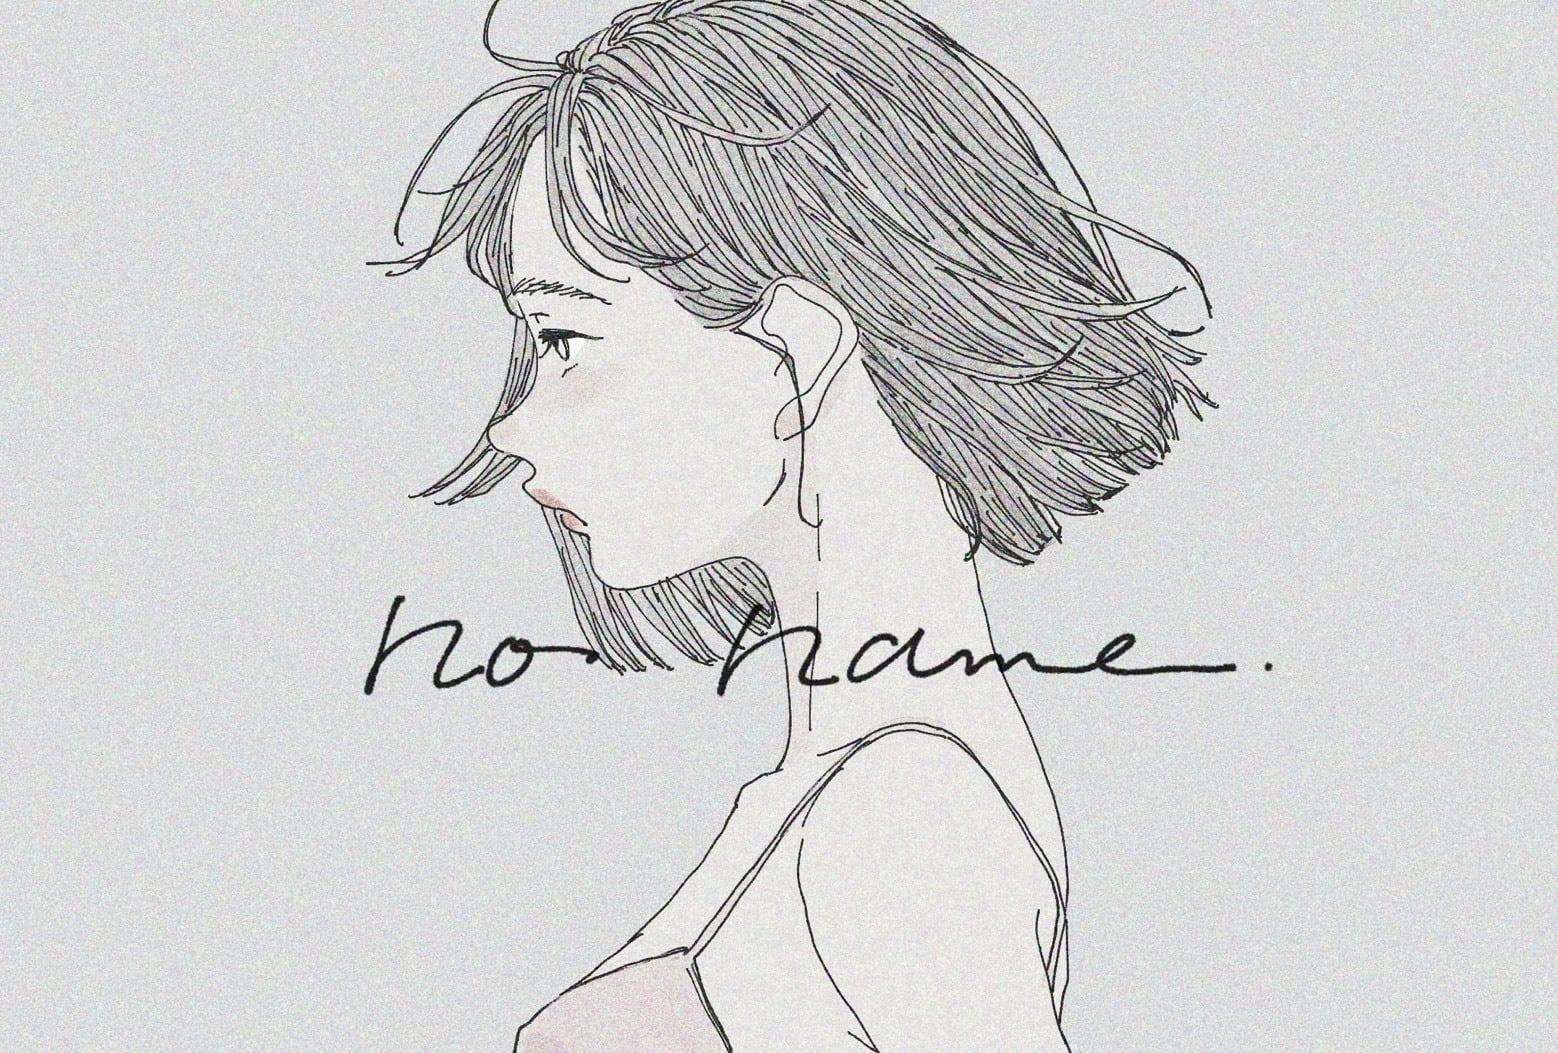 個展「no name」入場チケット 9/26(土) 12:30-13:30